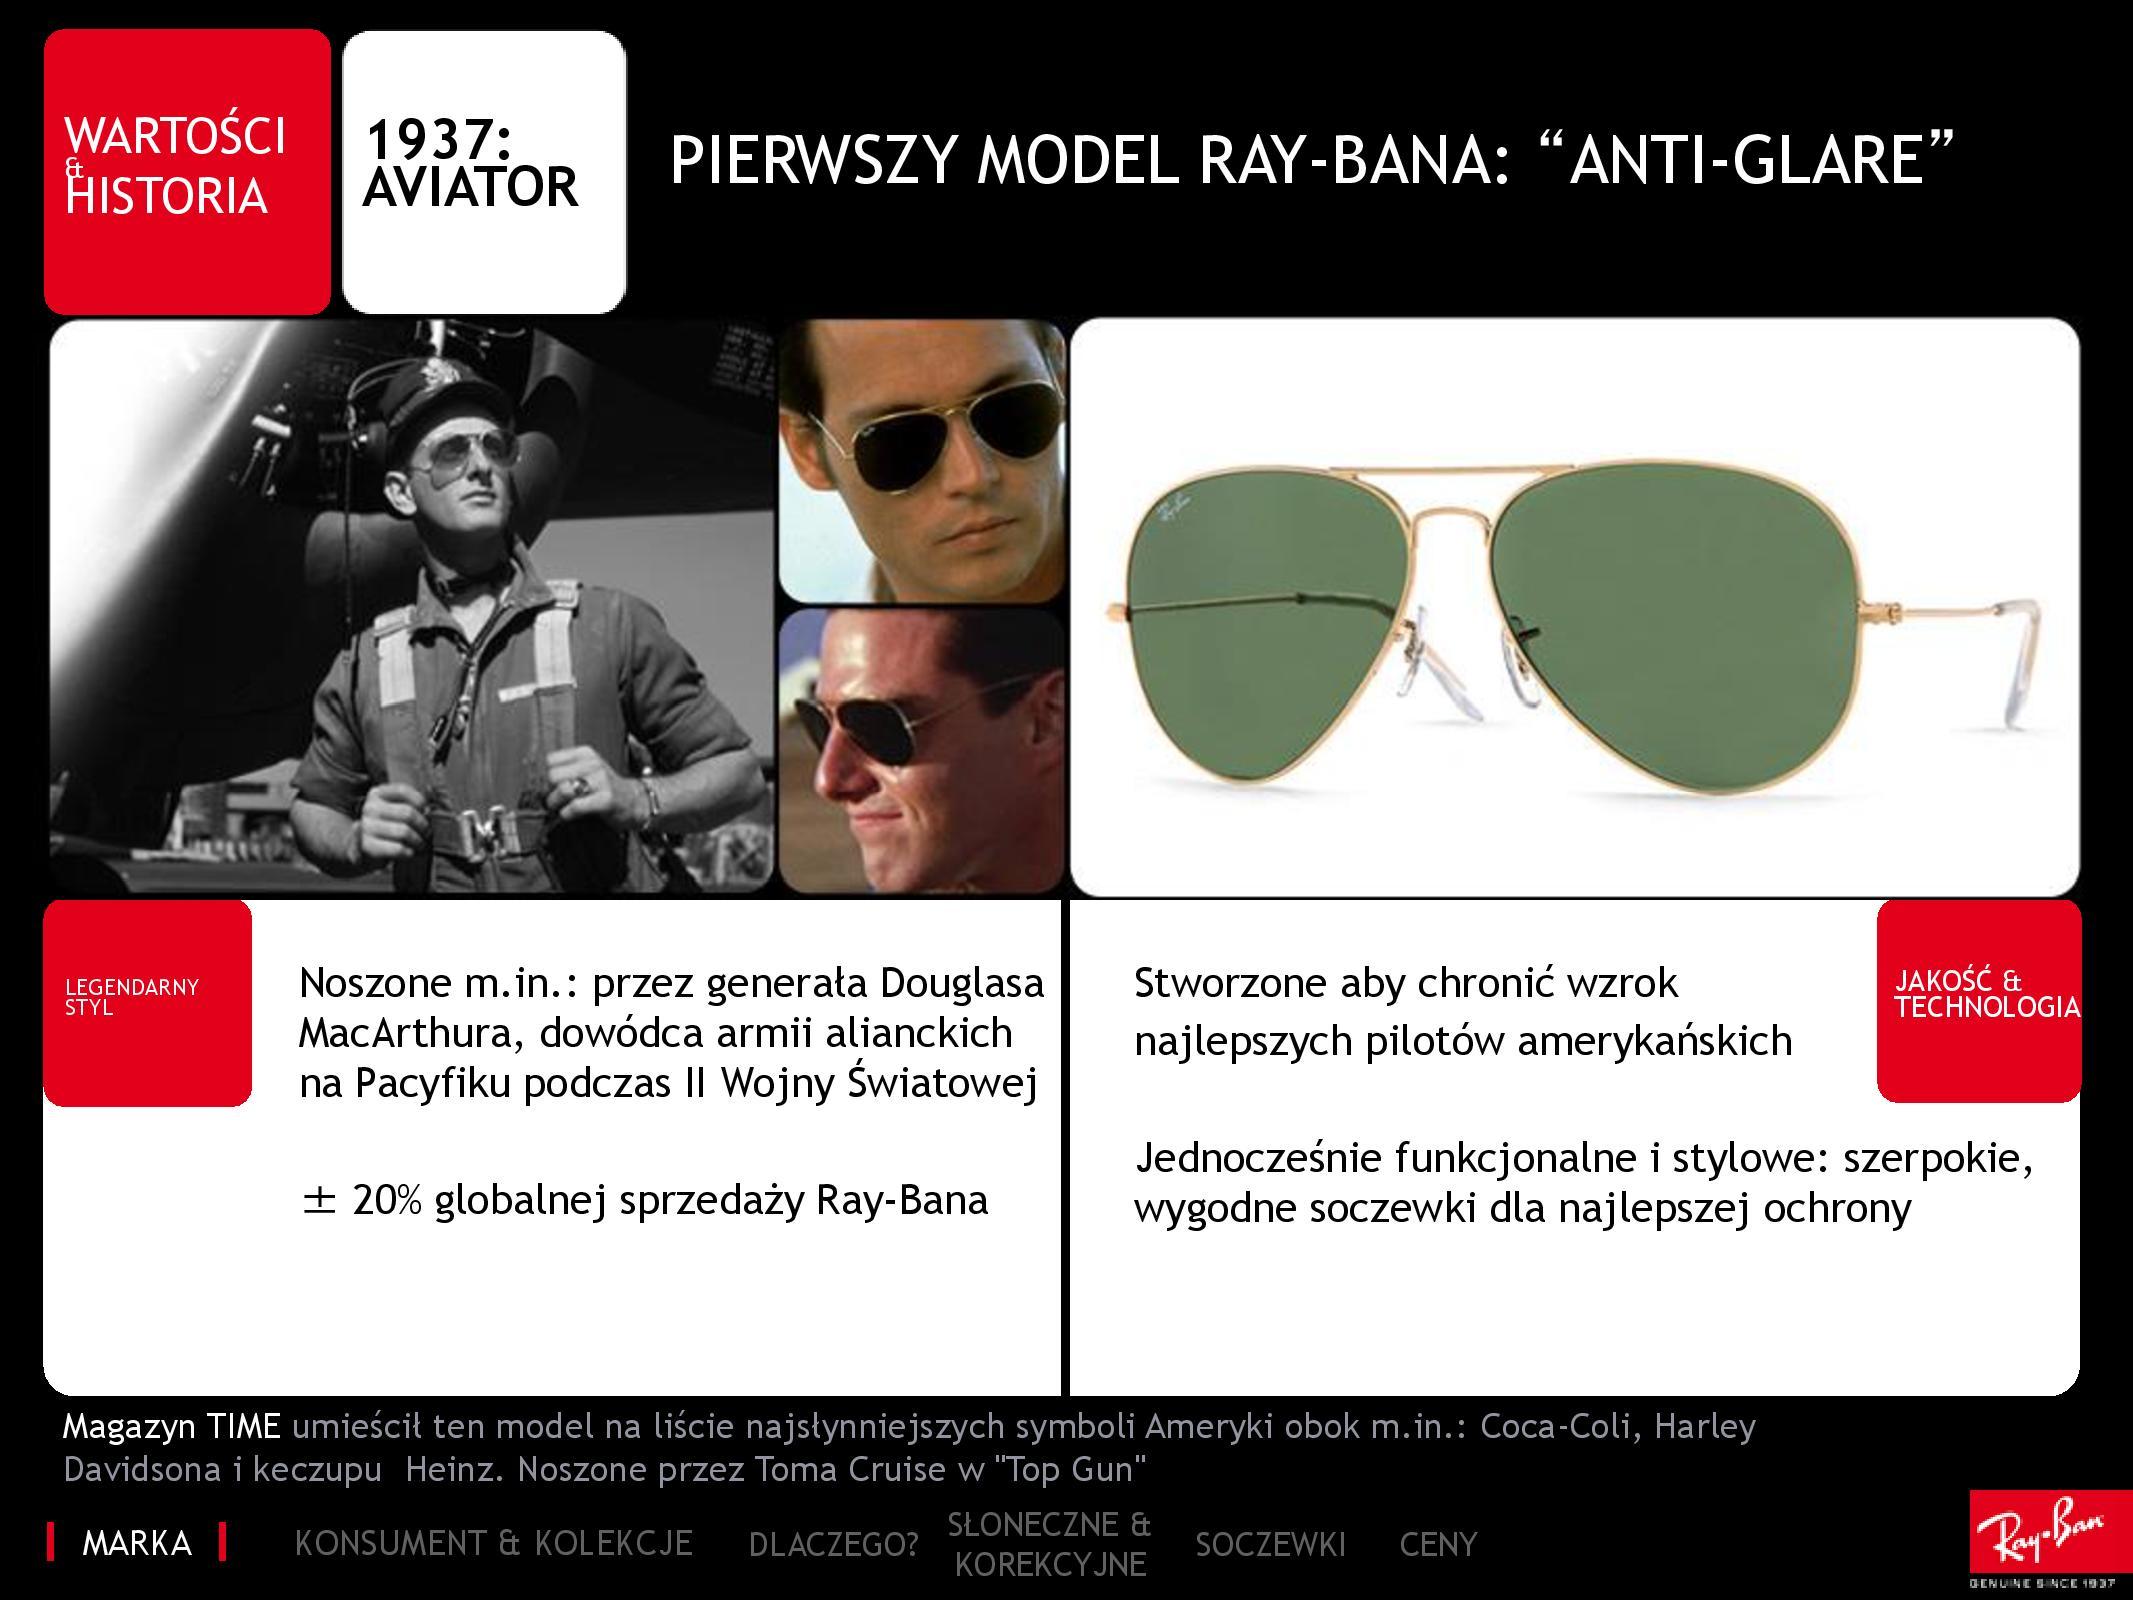 Pierwszy model Ray-Bana - Aviator